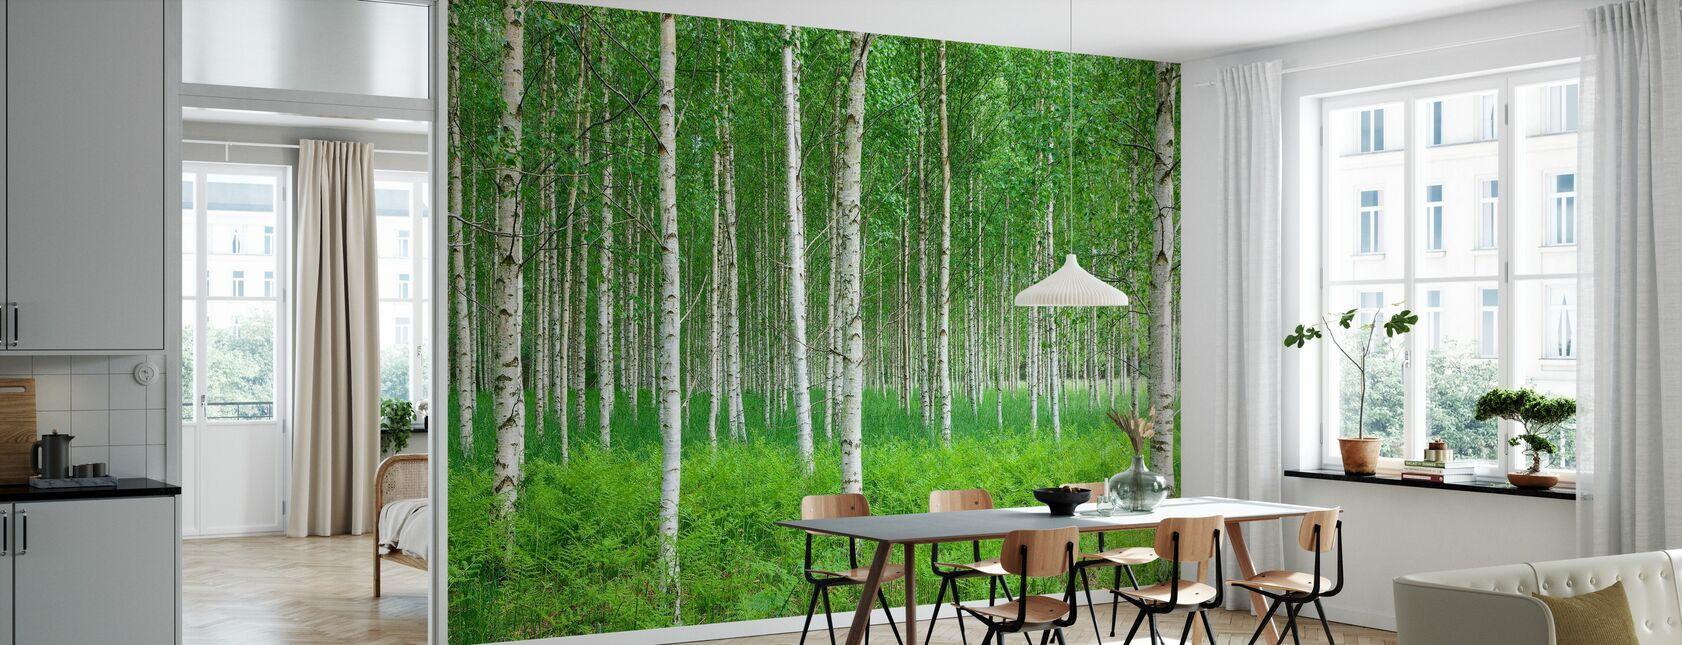 Sommer bjørkeskog - Tapet - Kjøkken